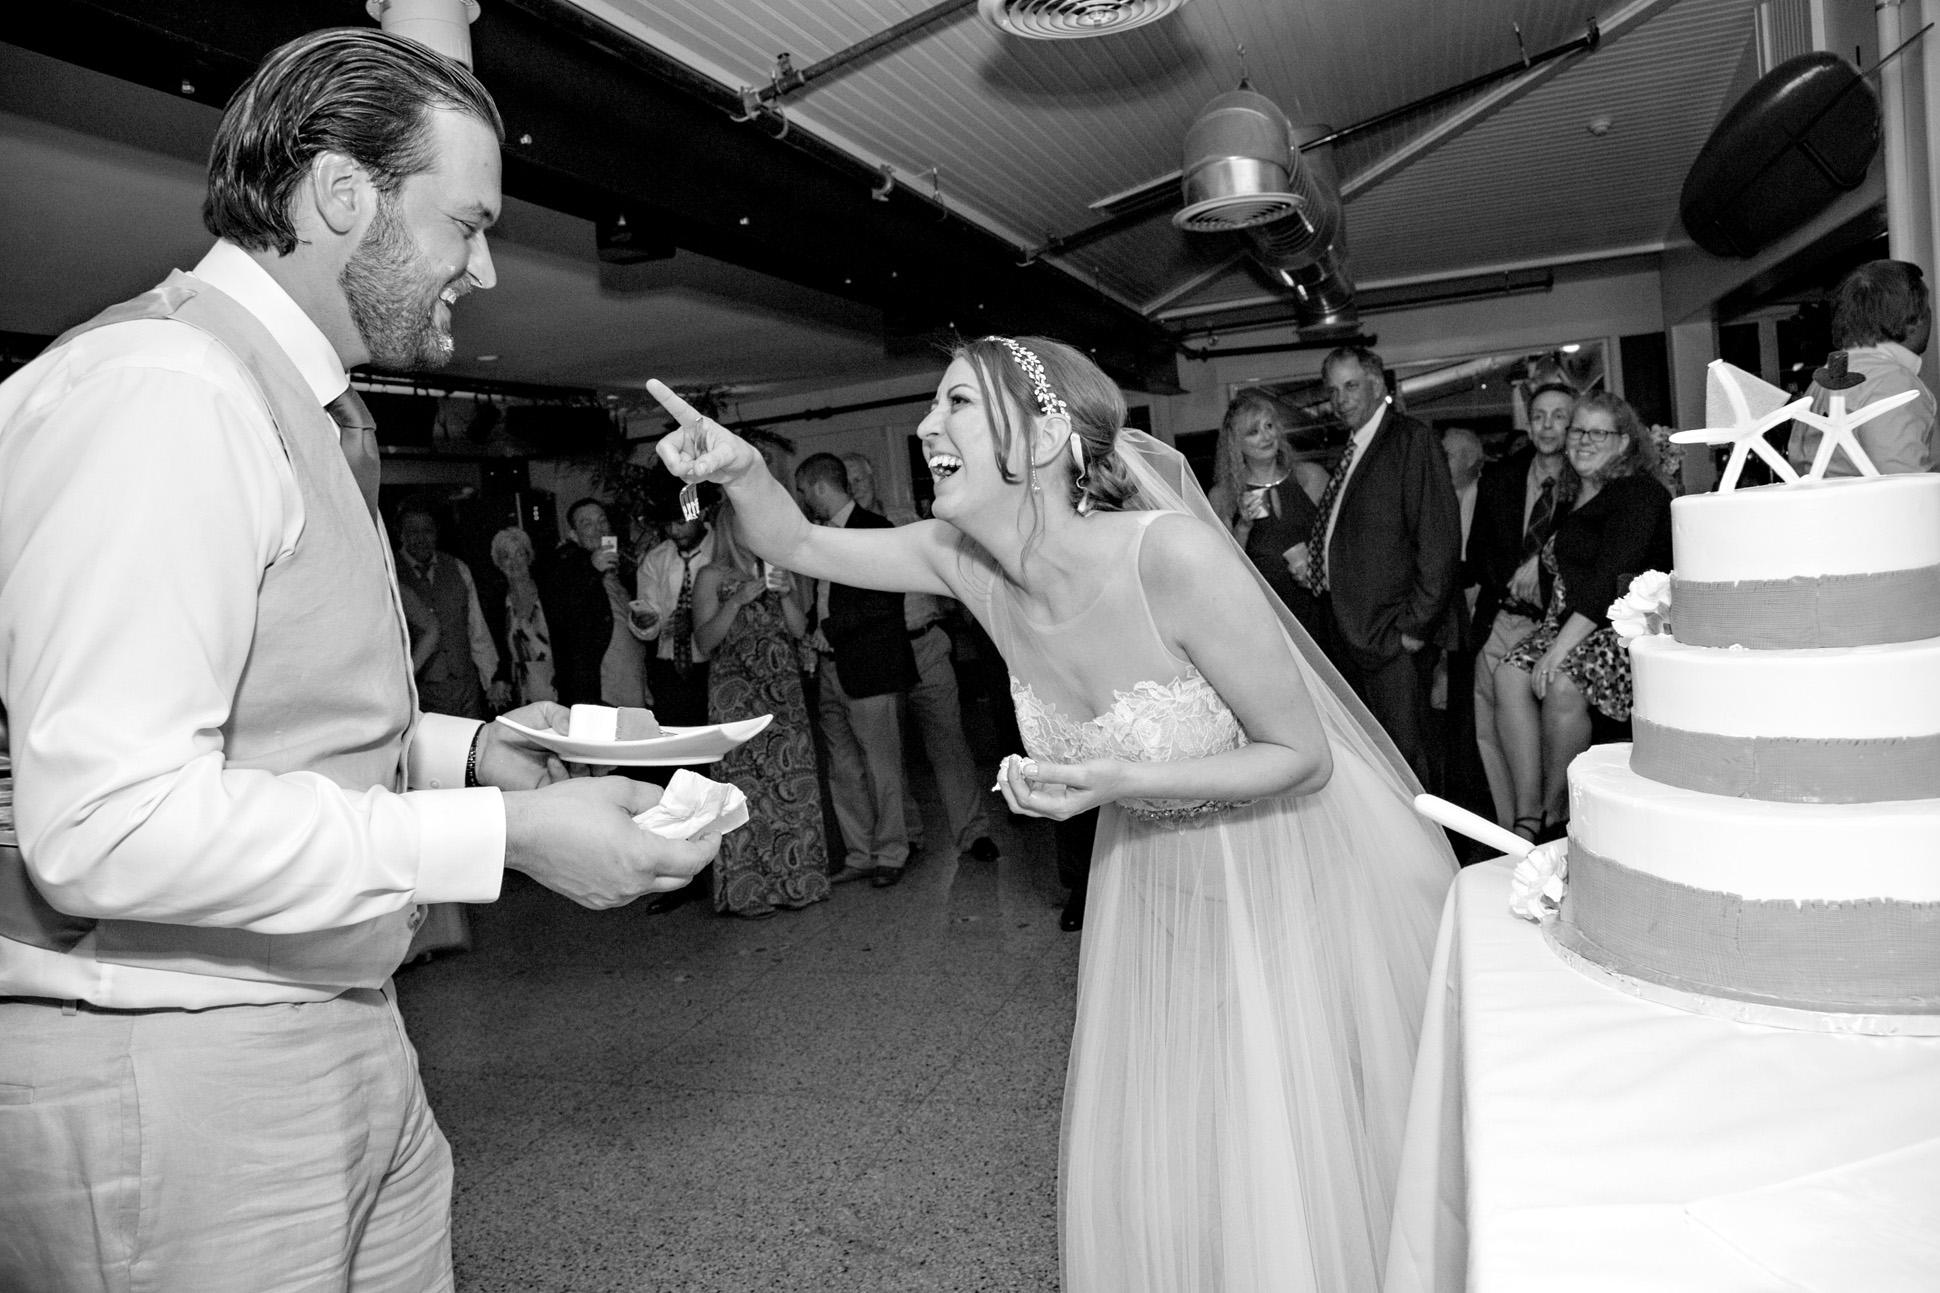 55-Sara Stadtmiller-SRS-Photography-Asbury-Park-Wedding-Photographer-Monmouth-County-Wedding-Photographer-NJ-Wedding-Photographer-Avon-by-the-Sea-Wedding-The-Columns-Wedding